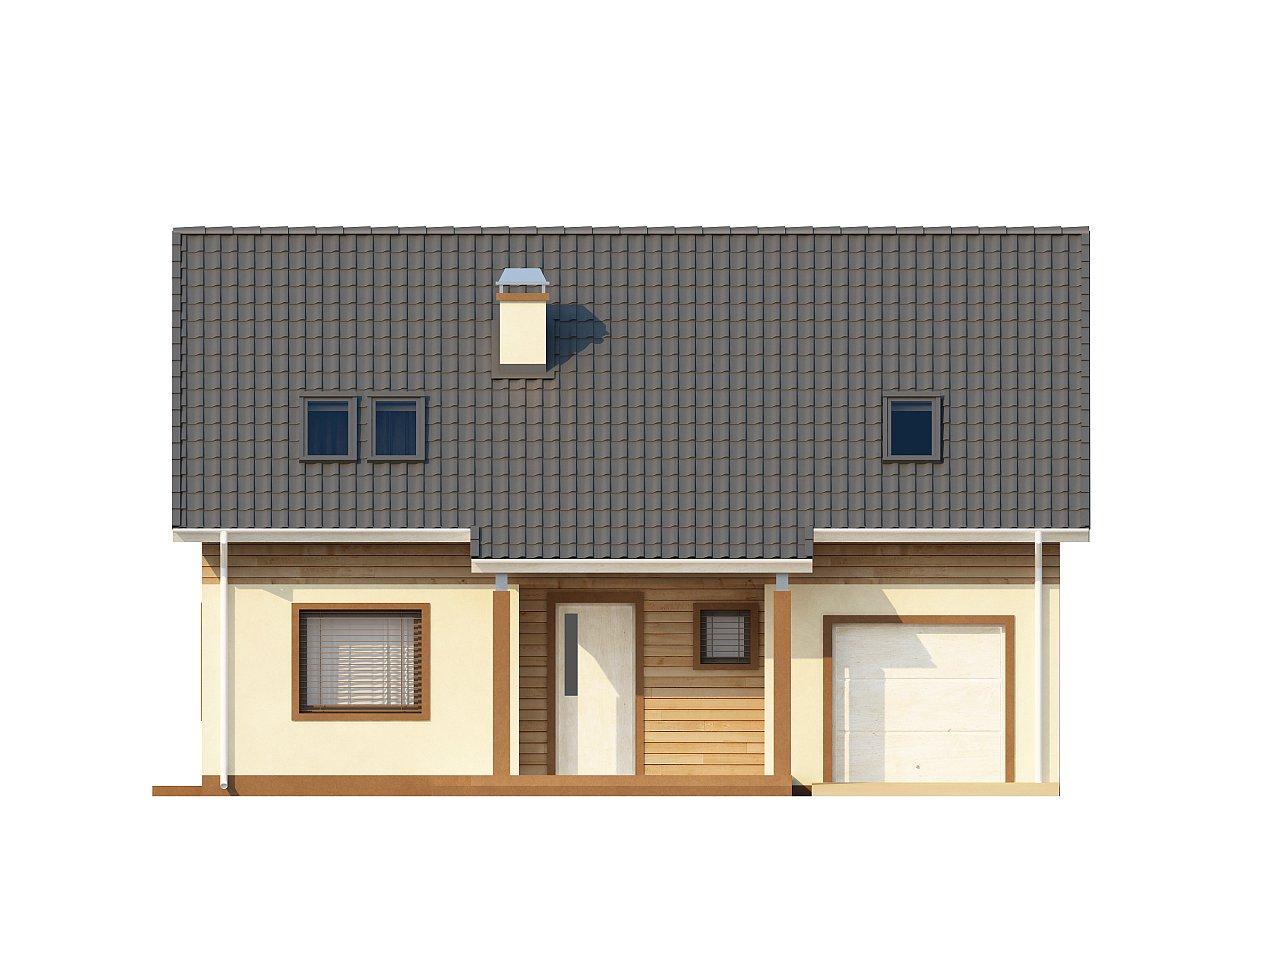 Проект традиционного дома с мансардой, со встроенным гаражом. 3